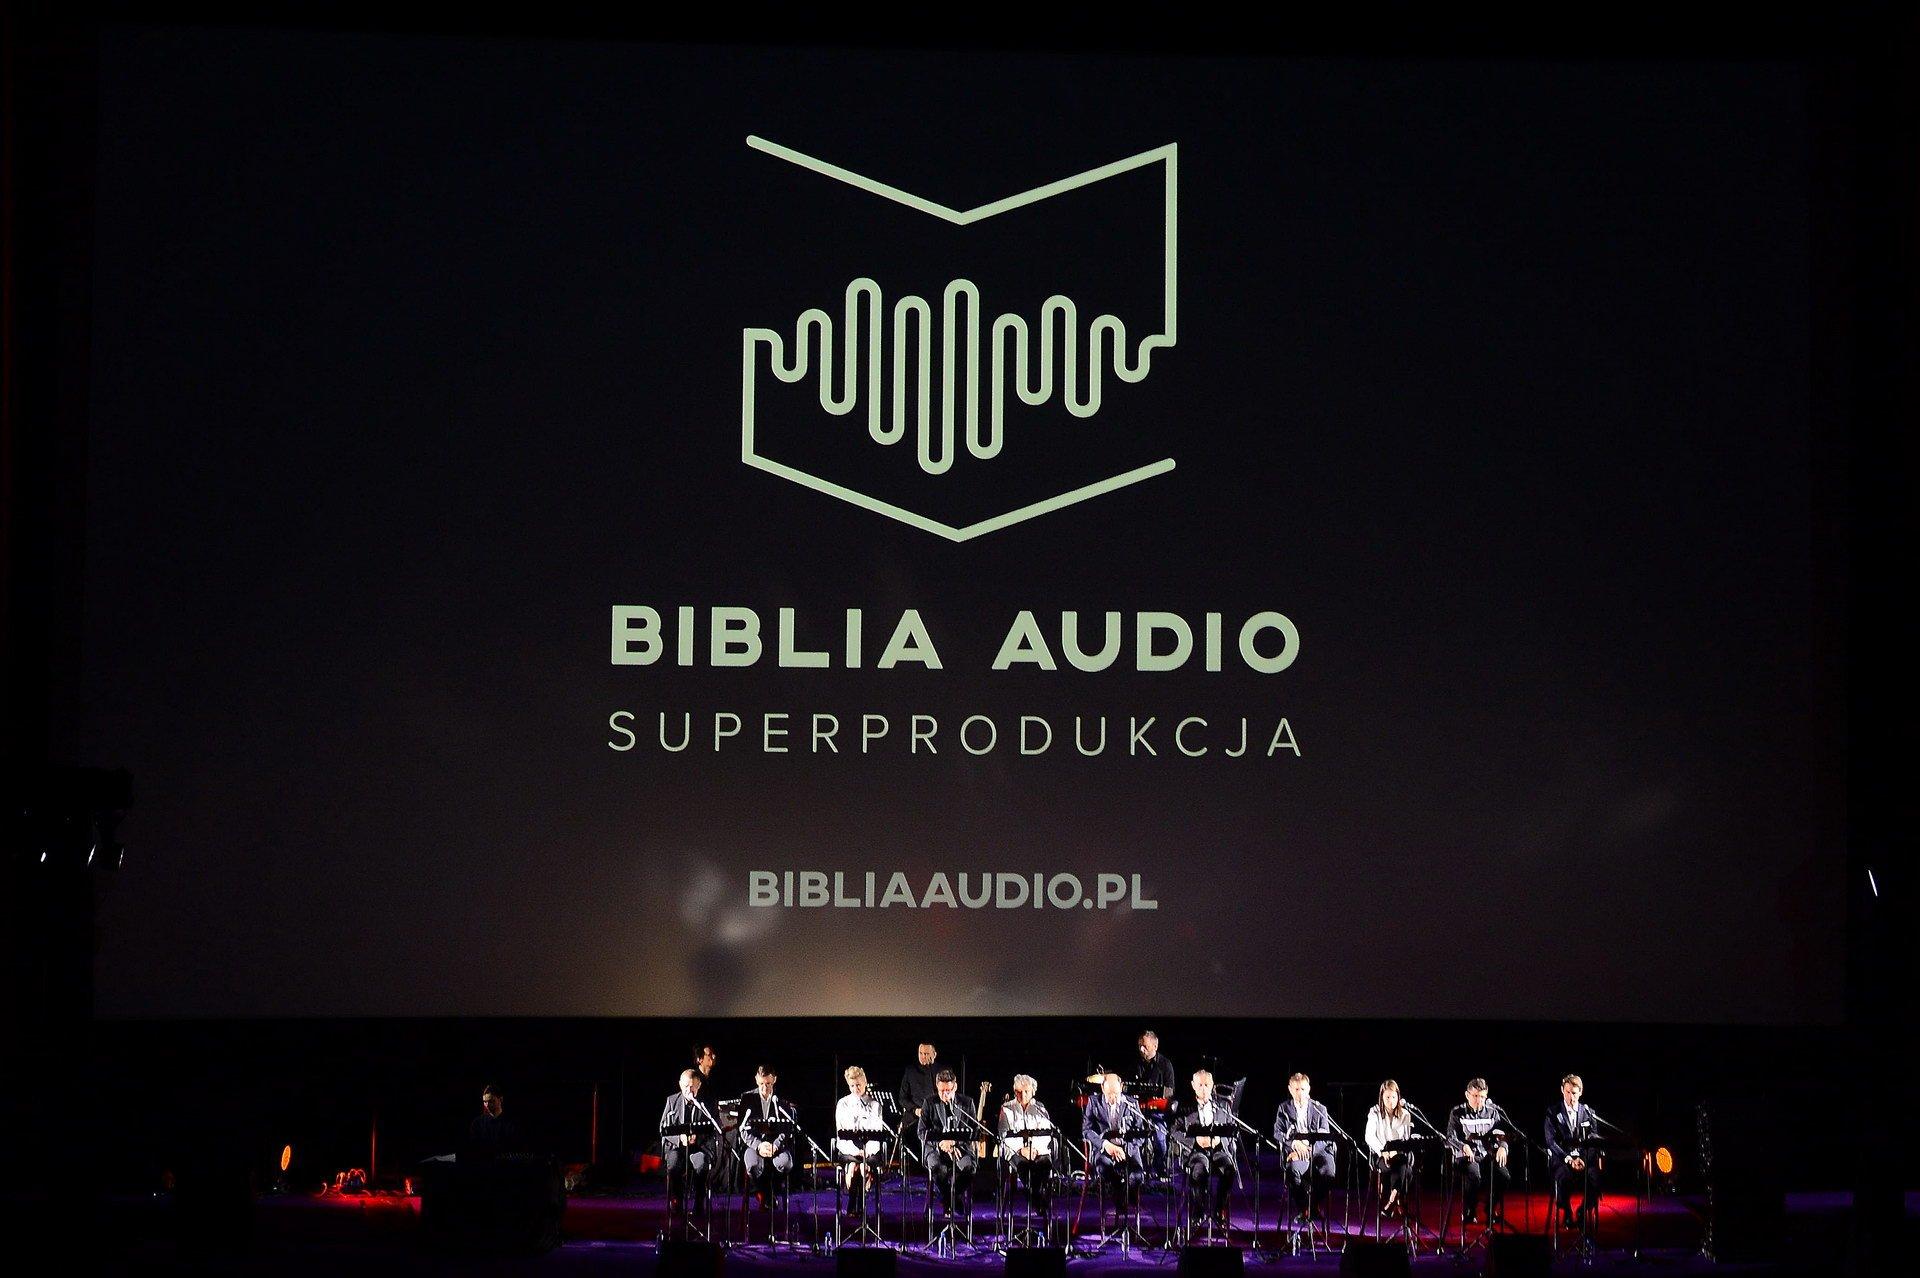 Wyjątkowe słuchowisko na 10 480 głosów, a pośród nich nasi twórcy. Biblia Audio dołączyła do LifeTube!